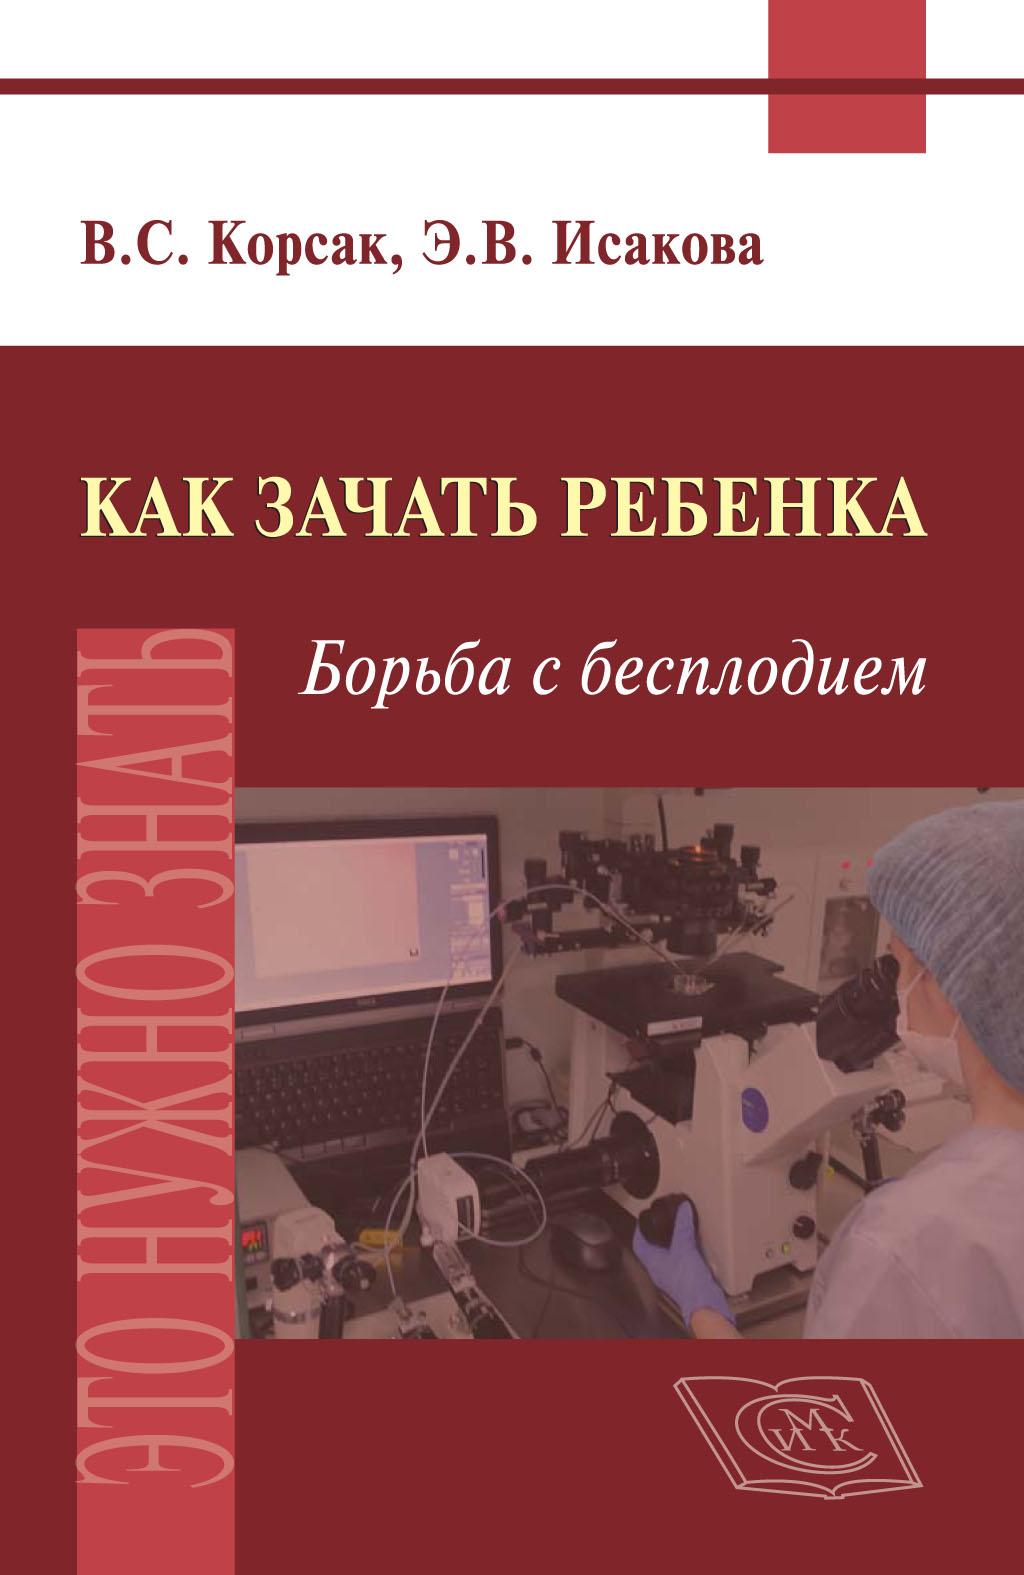 Э. В. Исакова Как зачать ребенка. Борьба с бесплодием